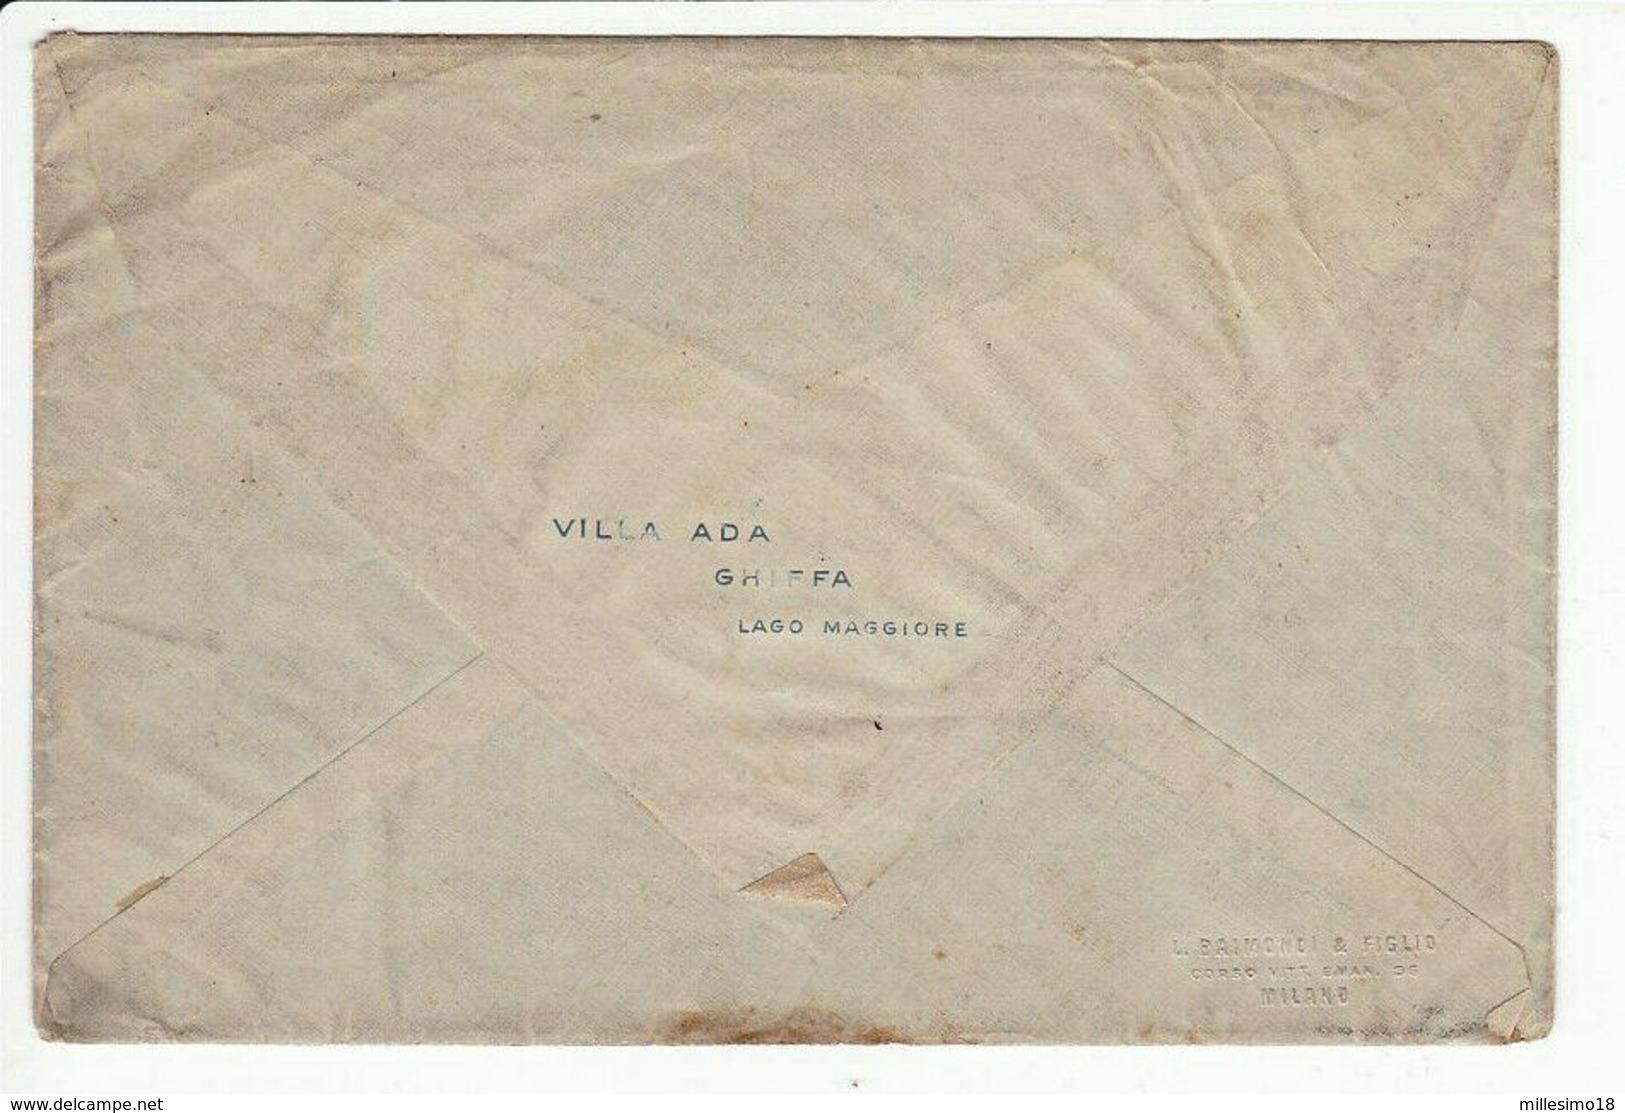 Italy Italia 1911 Ghiffa Bollo Tondo Riquadrato Su Busta Villa Ada 2 Scansioni - 1900-44 Victor Emmanuel III